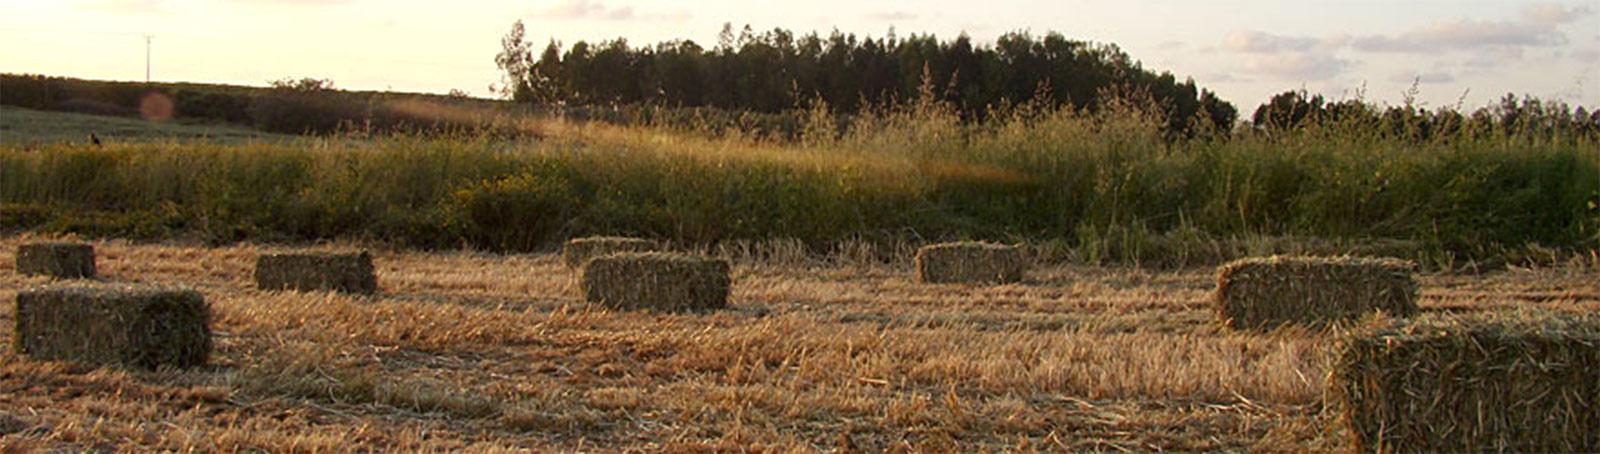 גראסס - משק הרועה - חציר איכותי בחבילות קטנות